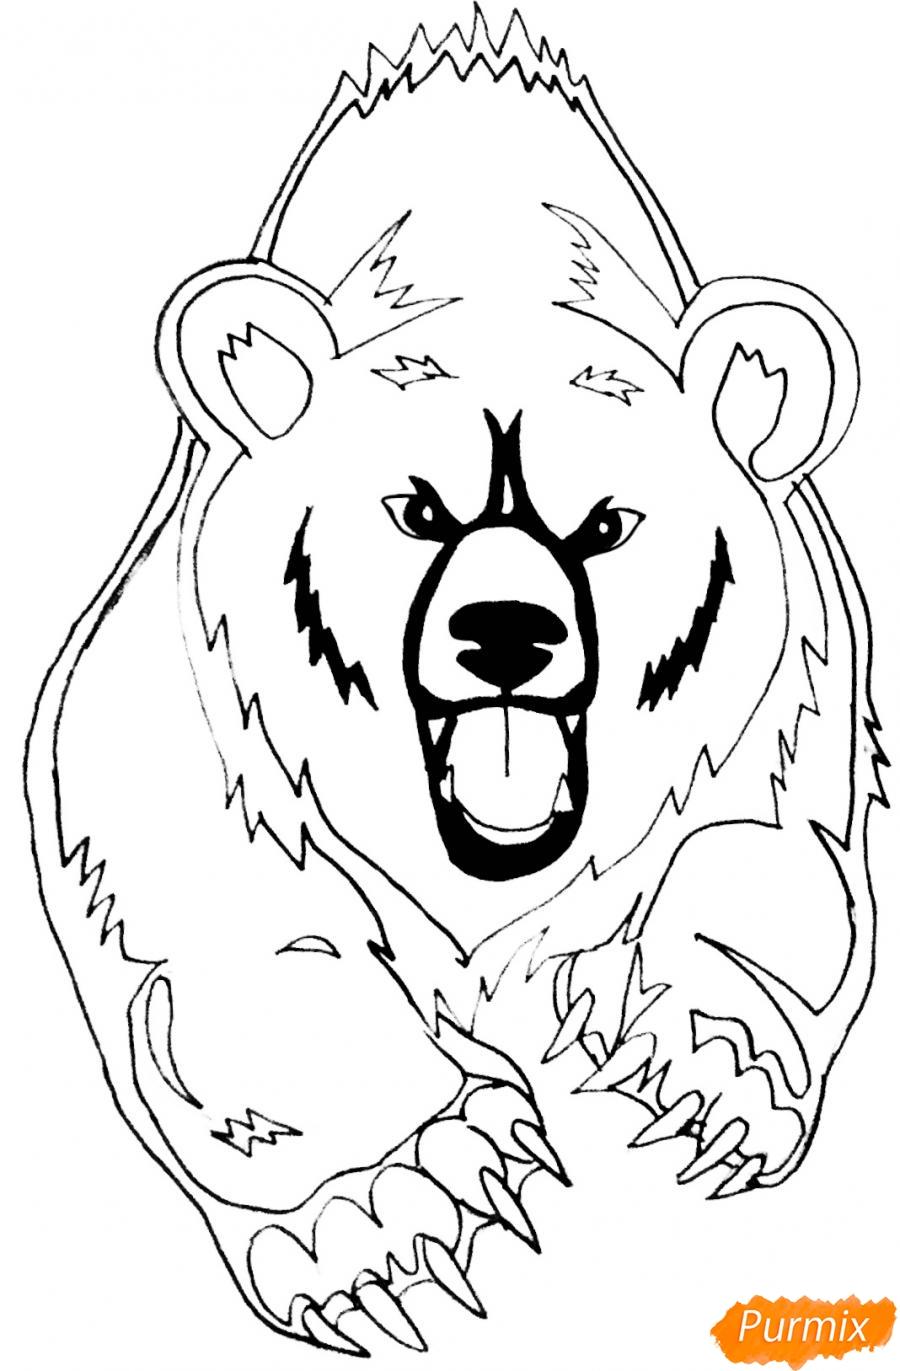 Рисуем медведя в стиле тату - фото 8